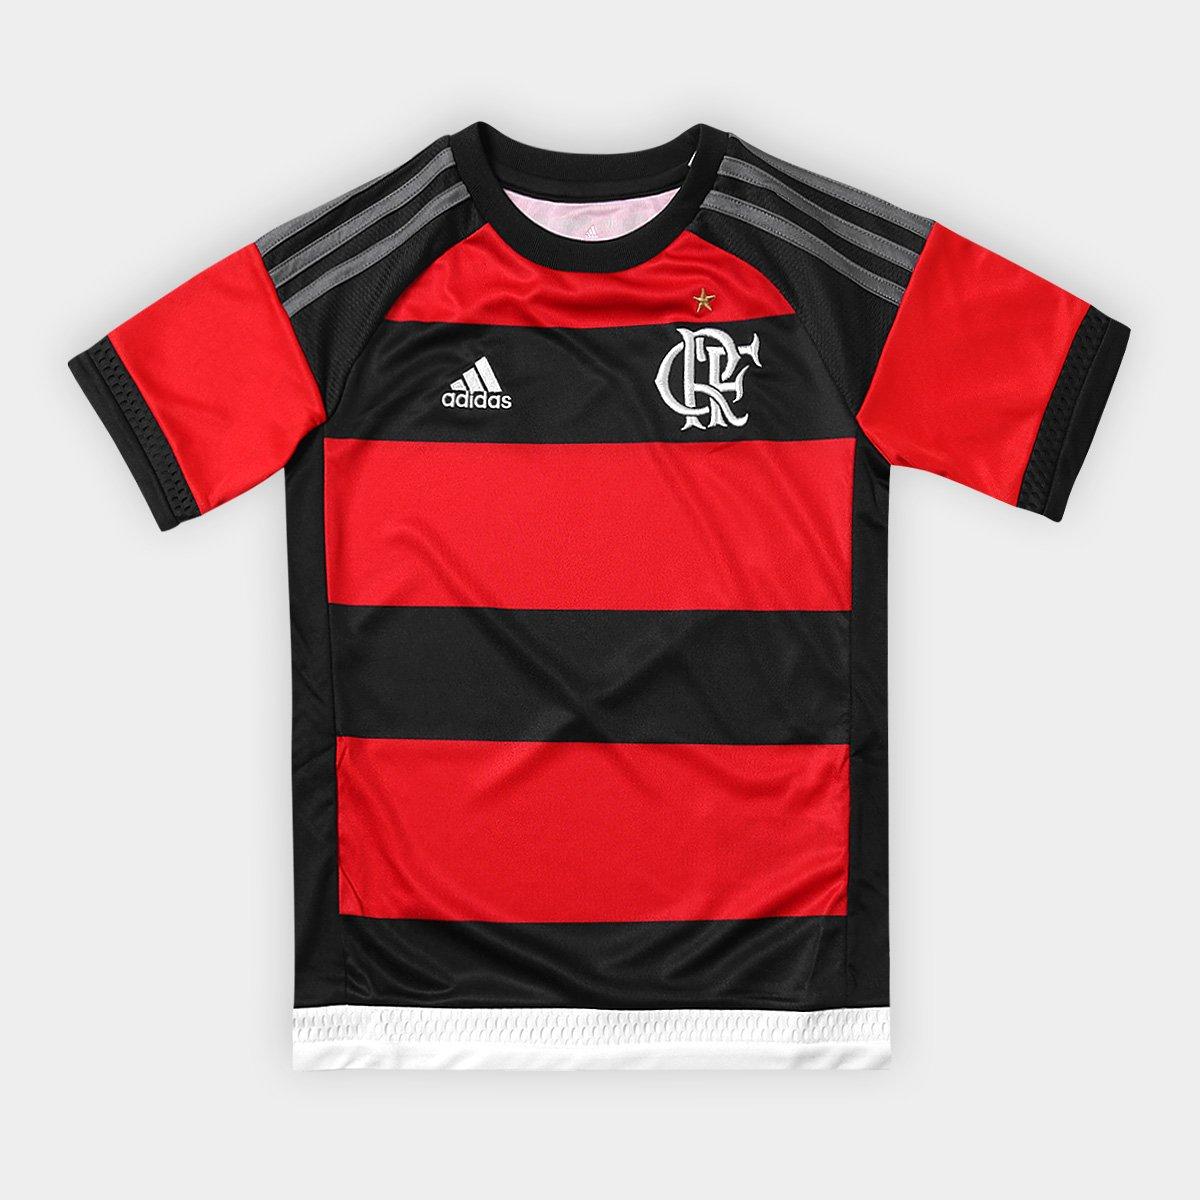 Camisa Flamengo Infantil I 16 17 s nº Torcedor Adidas - Compre Agora ... 7d8f1e1dfa385